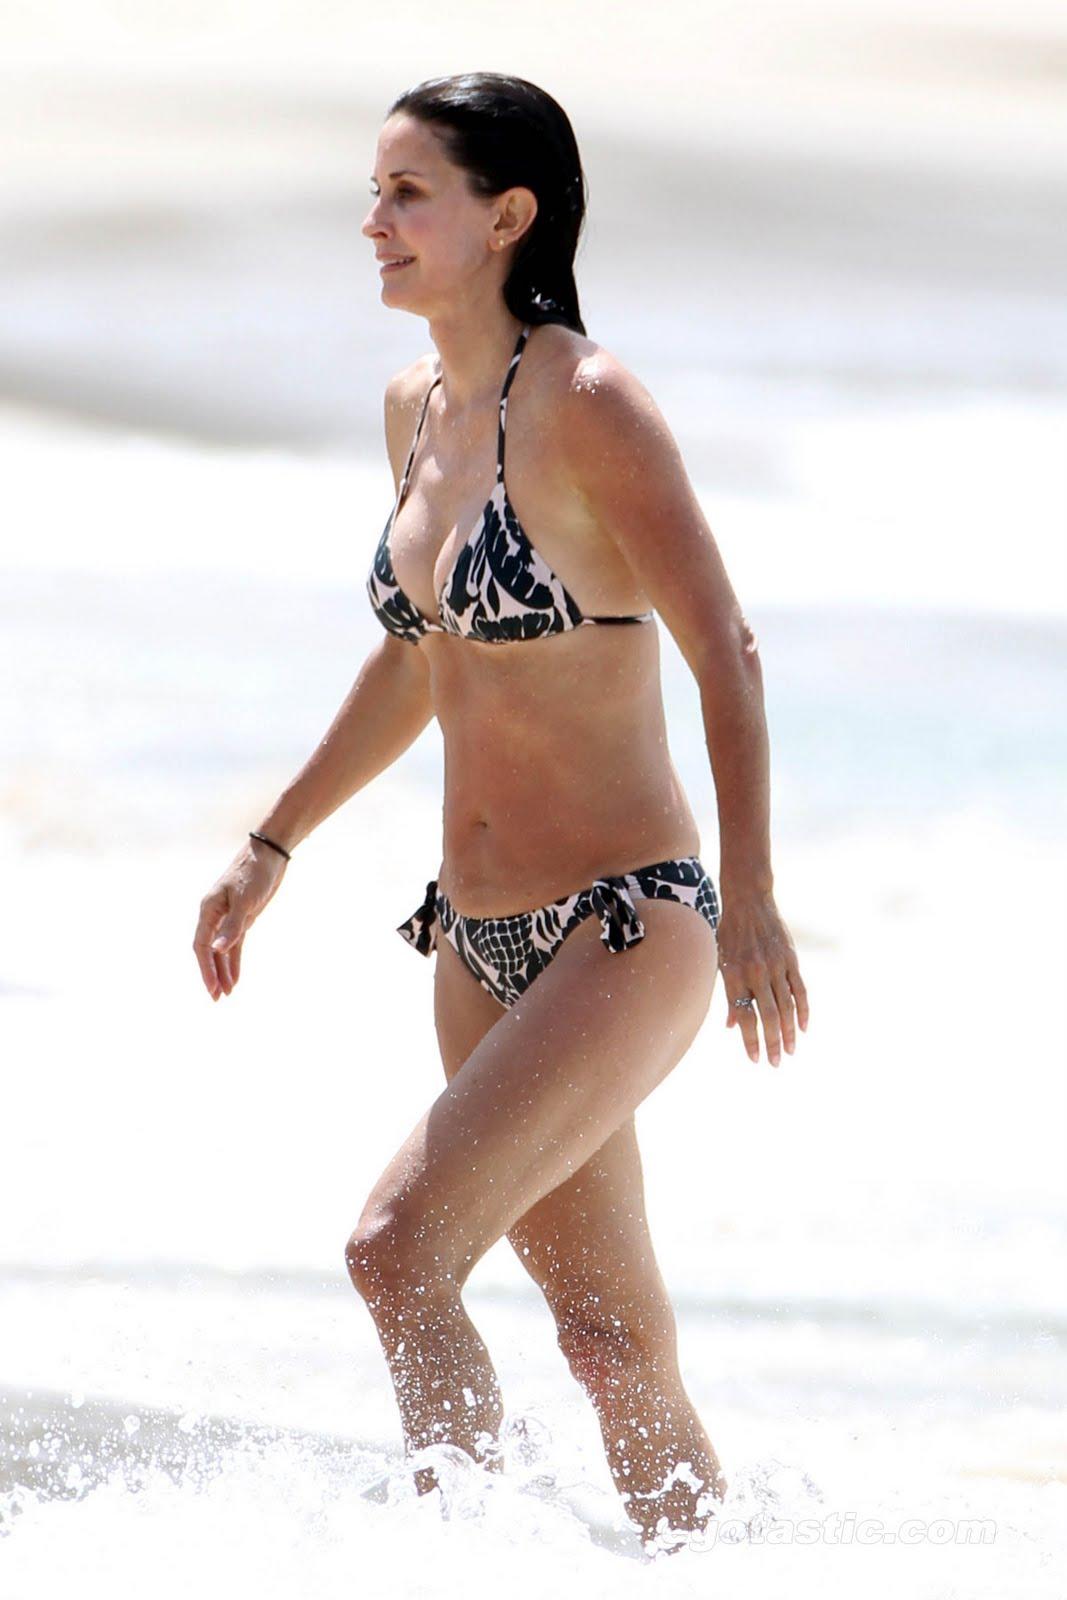 http://1.bp.blogspot.com/-zTmKwlbrlQ8/Tj_1j406F-I/AAAAAAAAAu8/XbweQtz_J3k/s1600/courteney-cox-st-barts-bikini-04_b9c4acf7ad9da5e5b67655c61c17bd6b.jpg